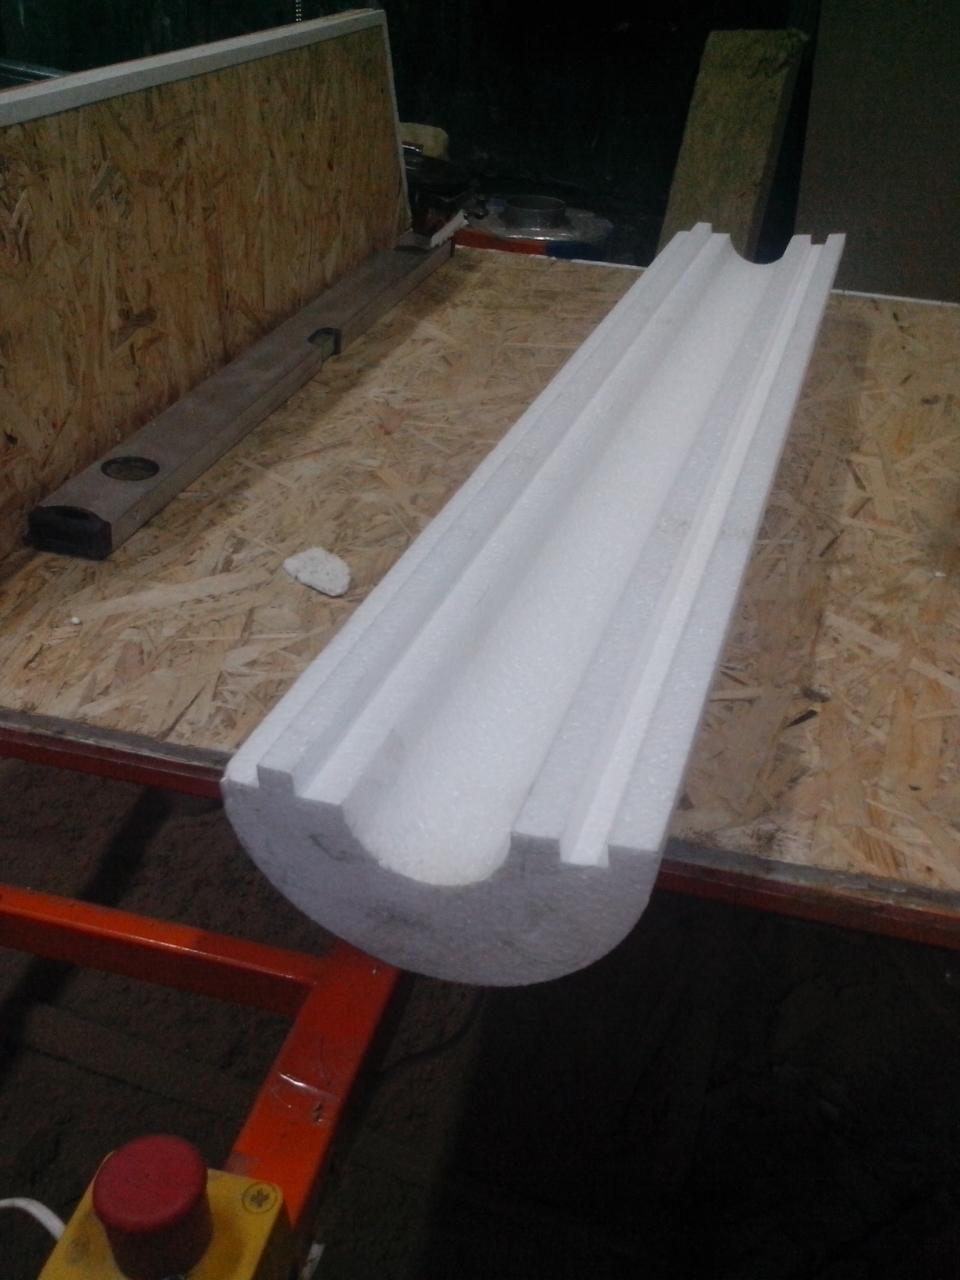 Утеплитель из пенопласта (пенополистирола) для труб Ø 168 мм толщиной 70 мм